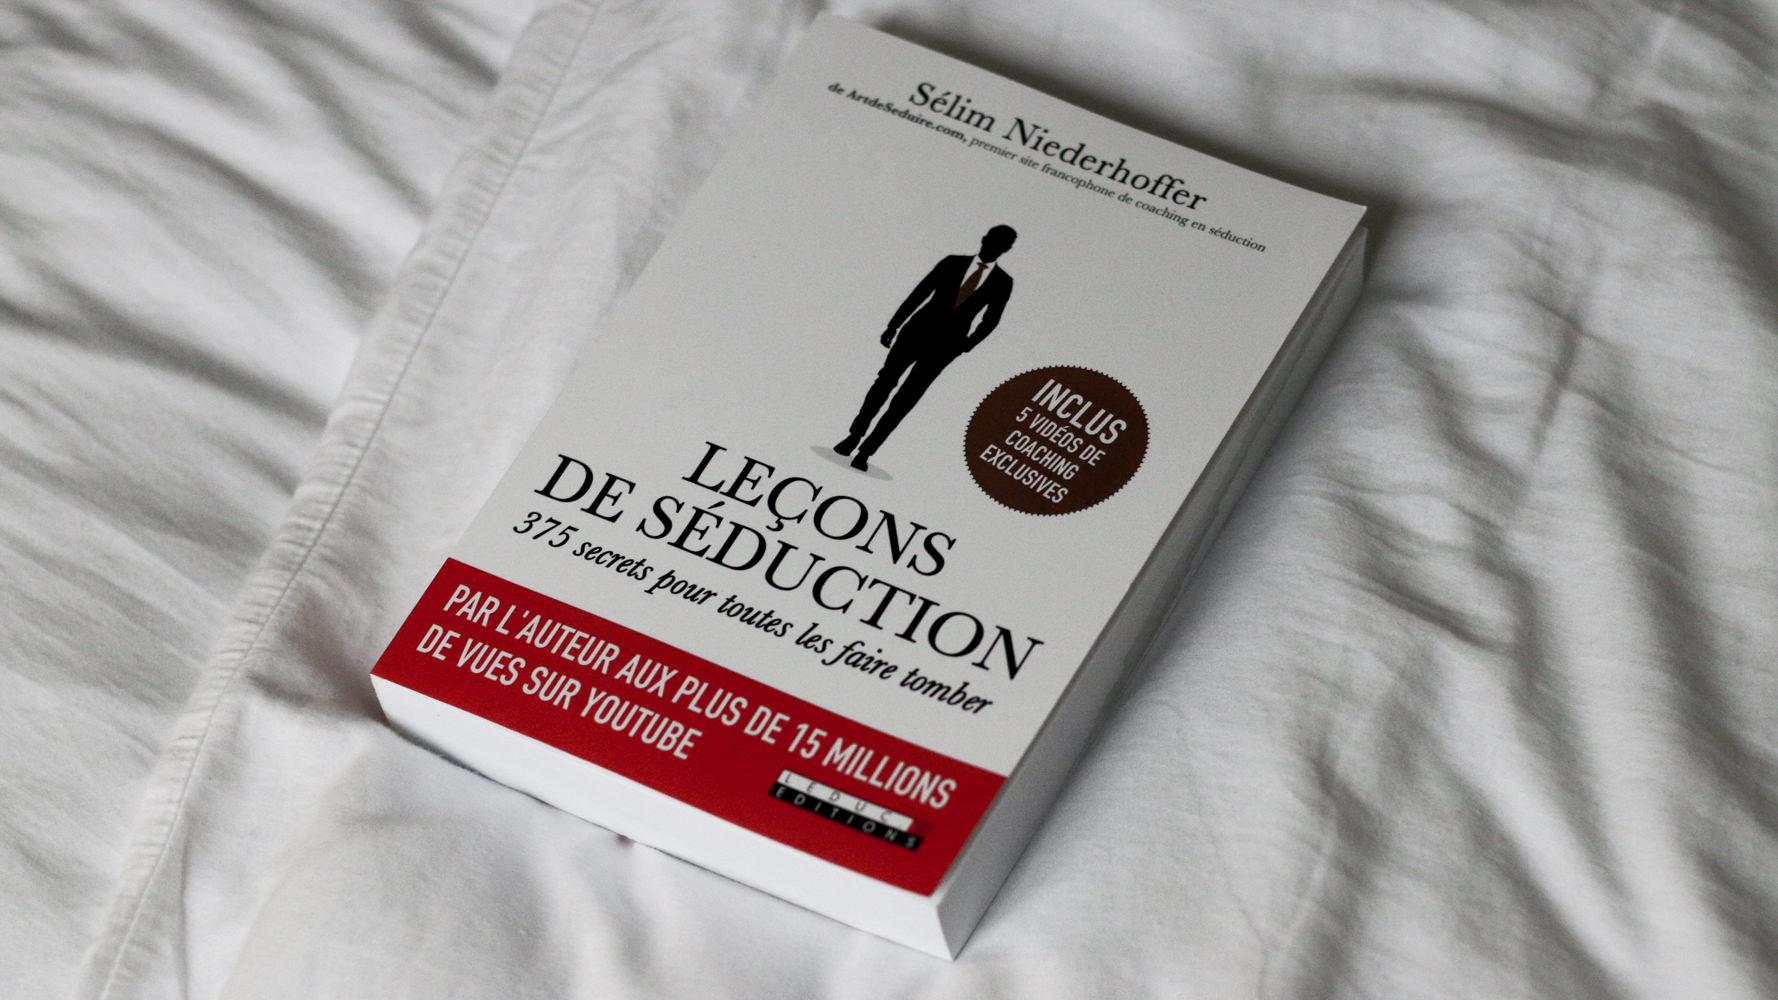 lecons de seduction livre